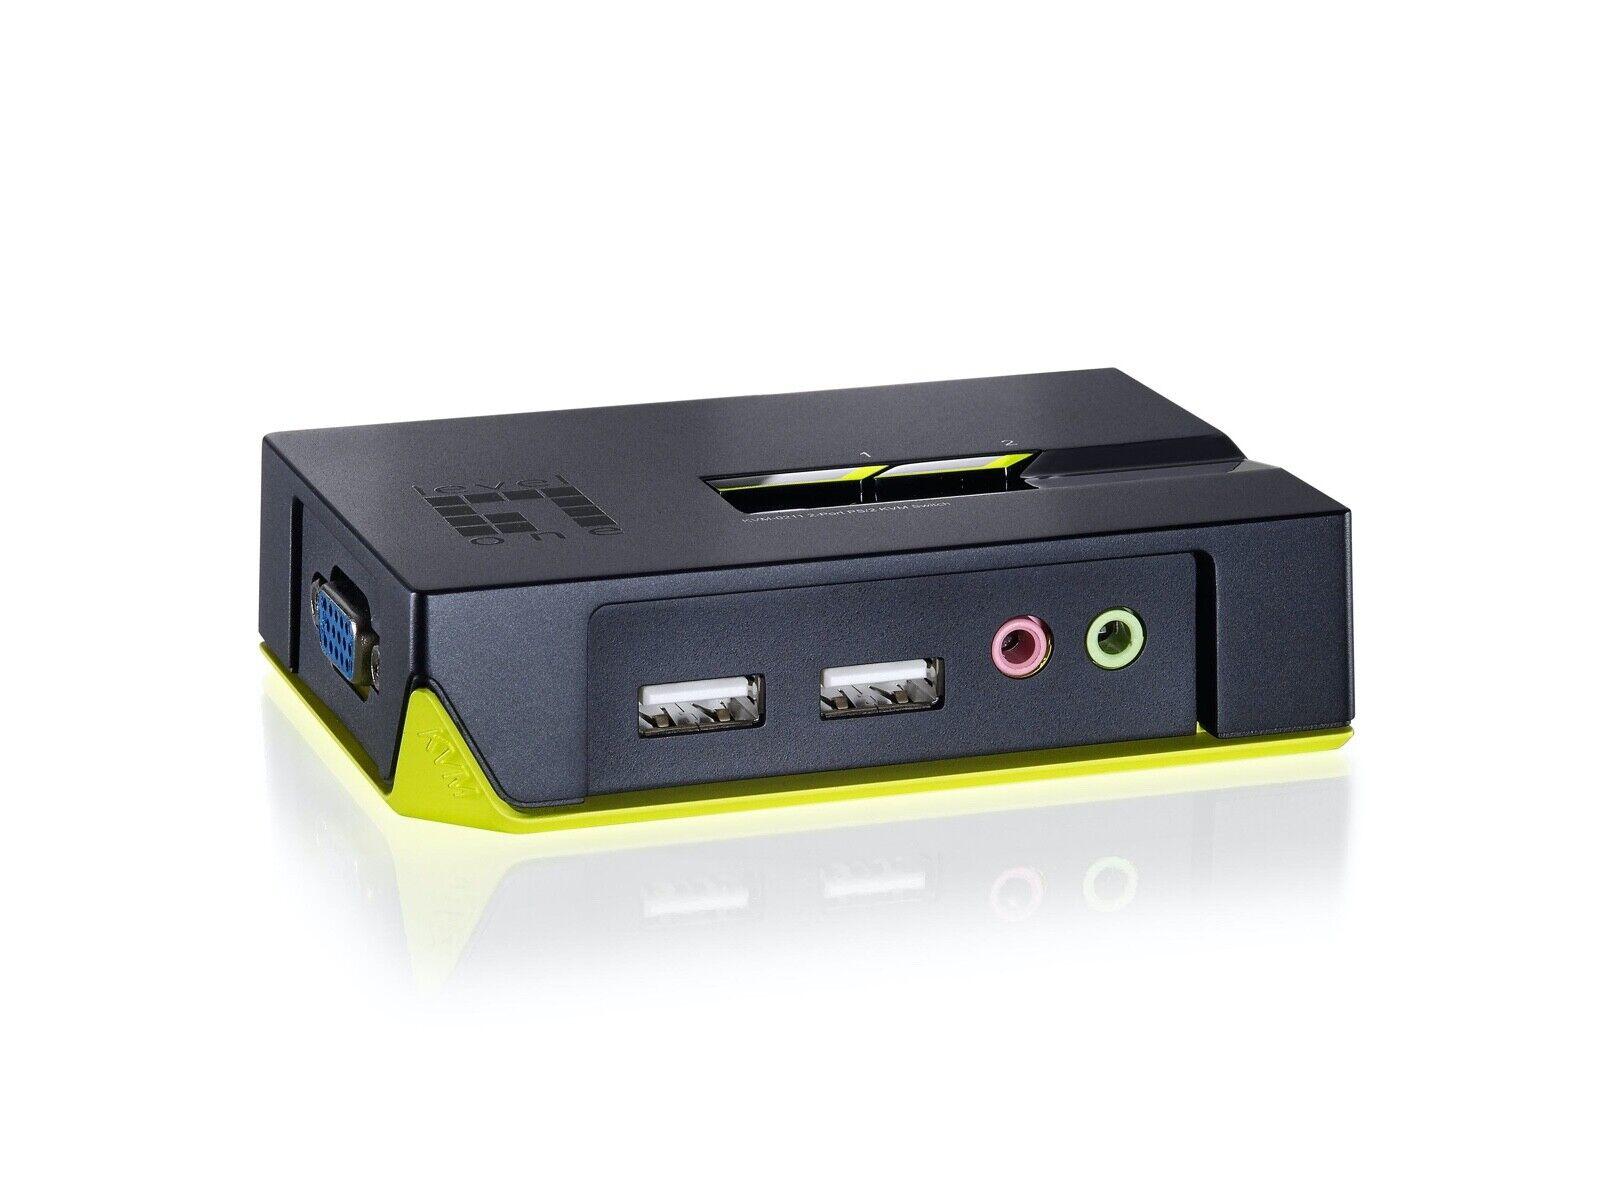 Level One KVM Switch 2 Port USB KVM Switch w/ Audio